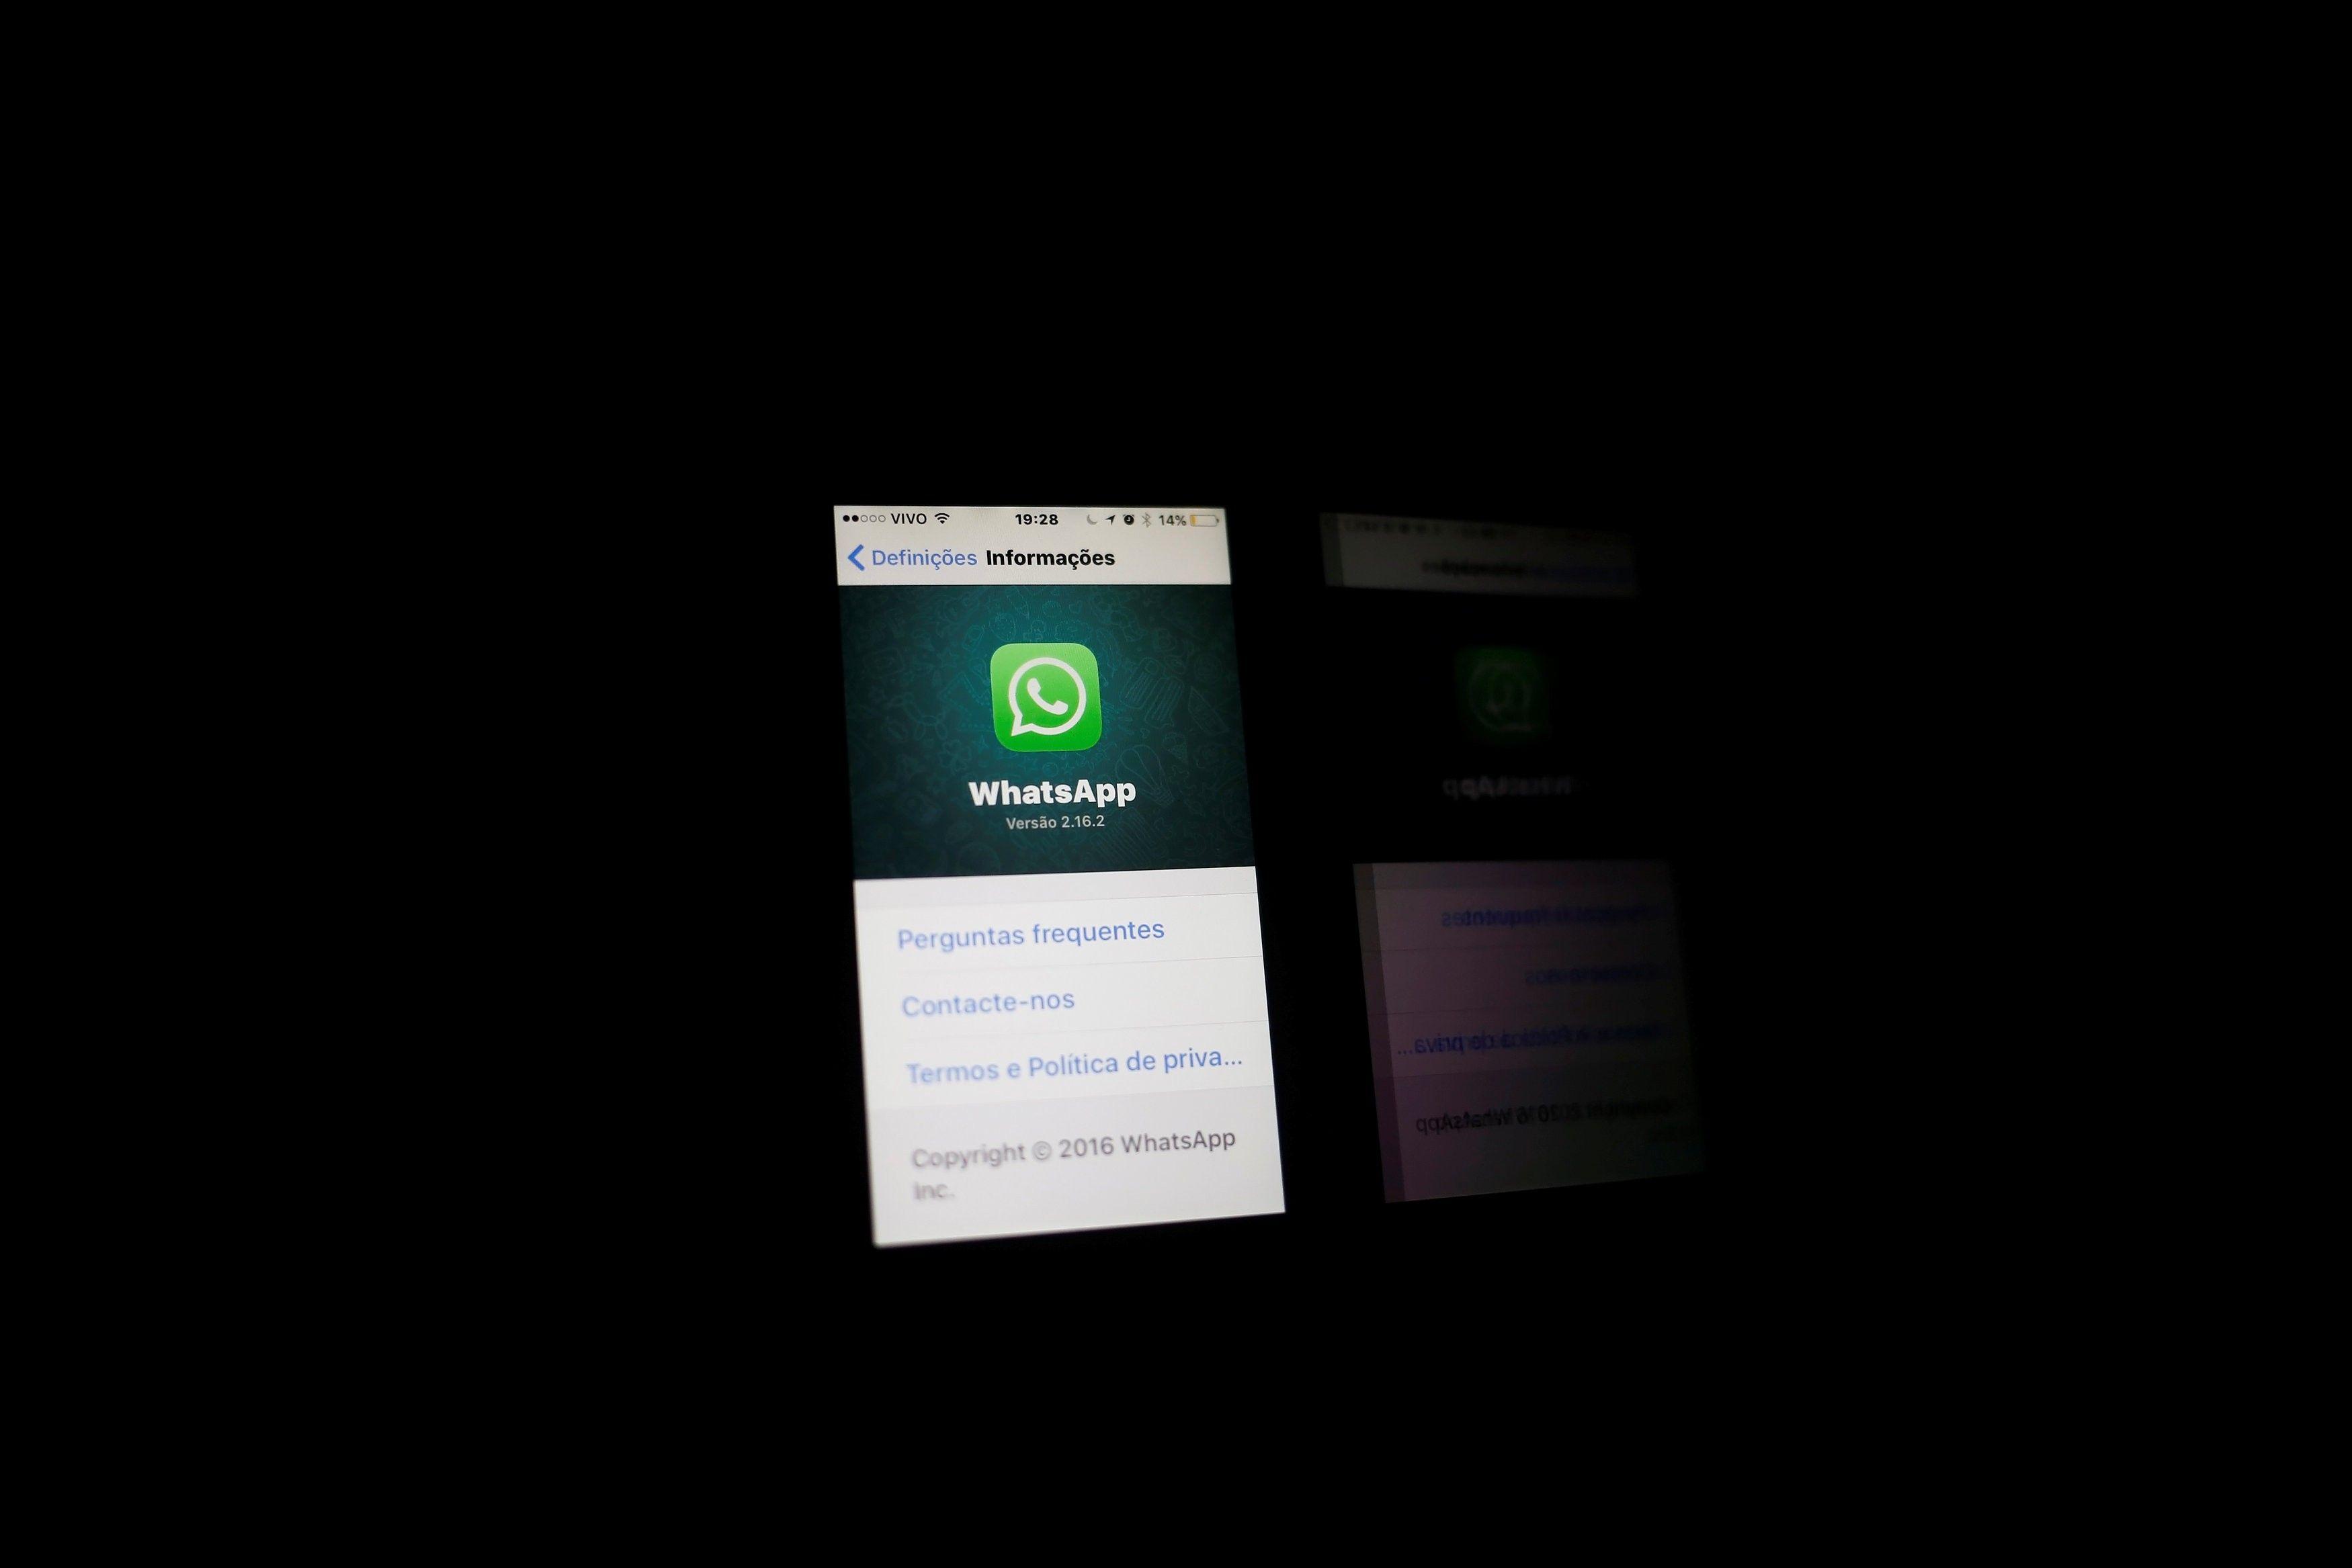 Компания WhatsApp ответила на обвинения в уязвимости сообщений